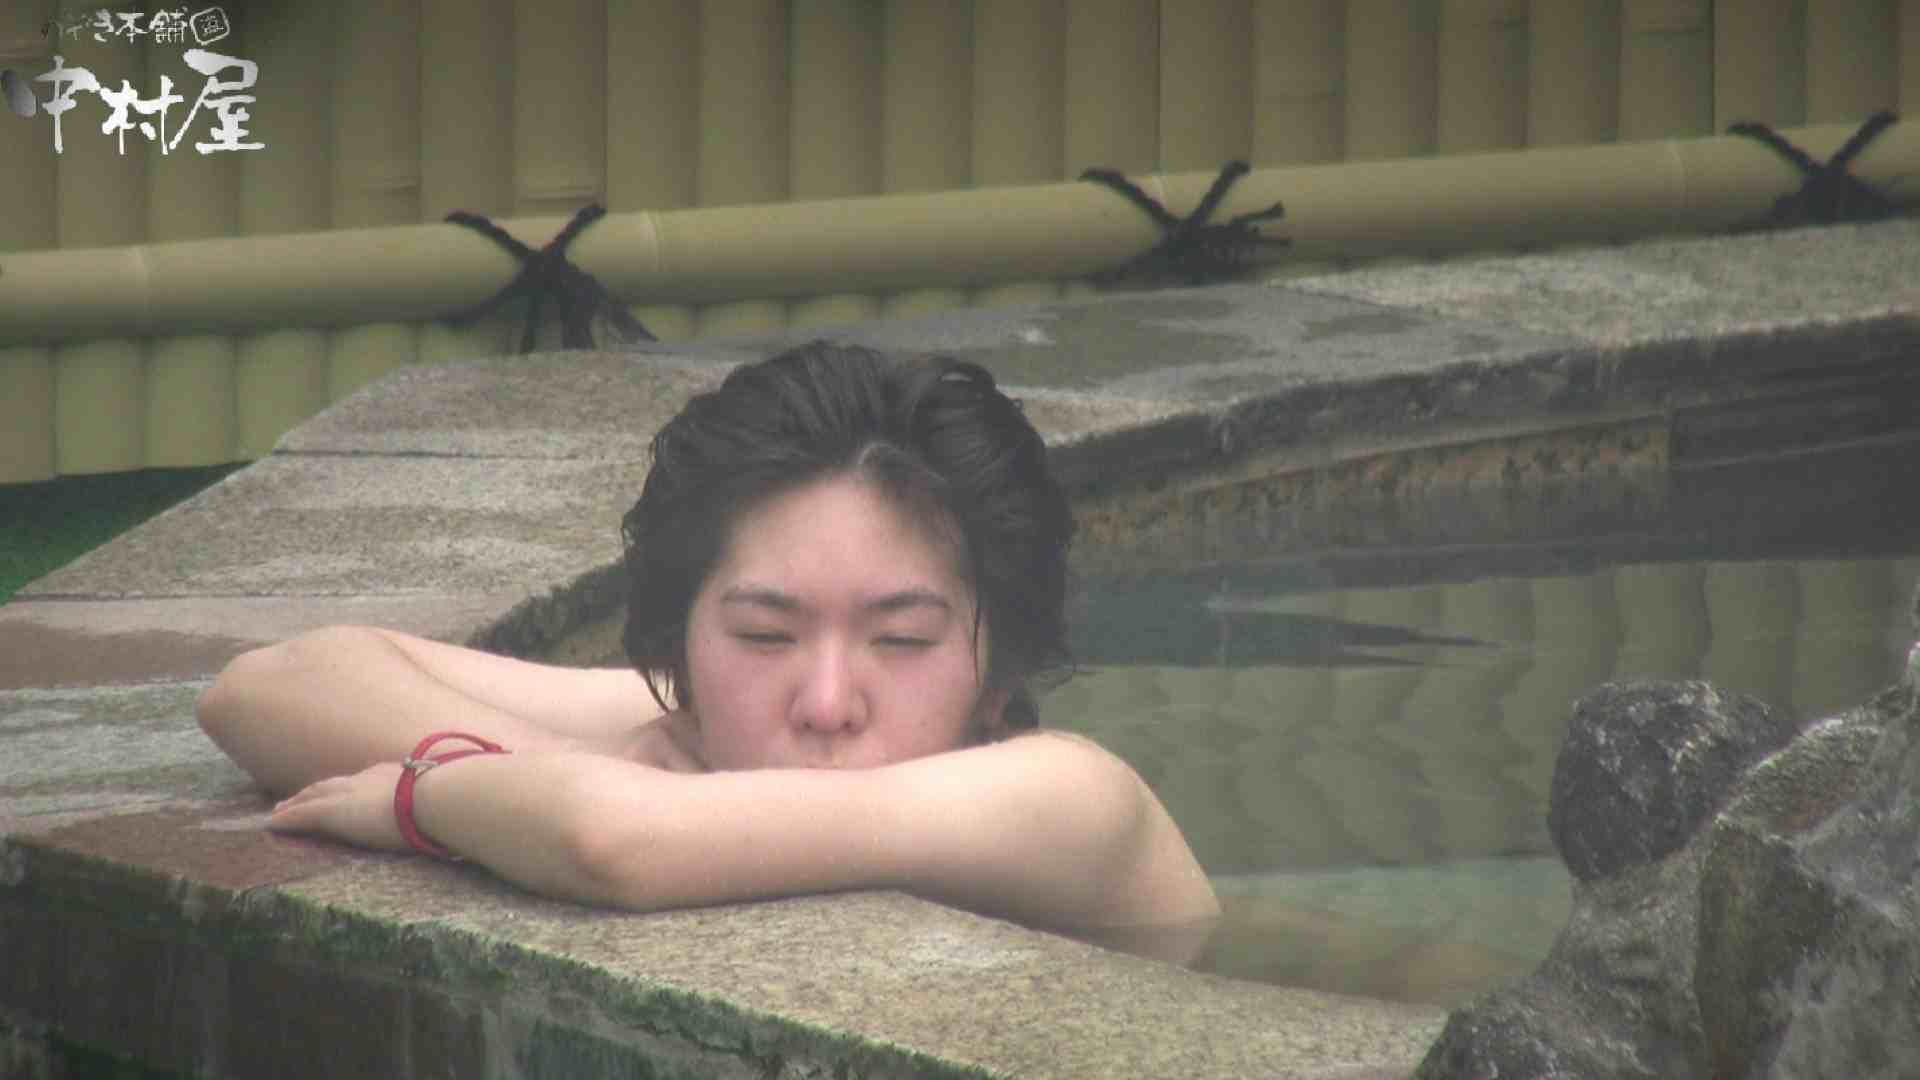 Aquaな露天風呂Vol.907 盗撮   OLのエロ生活  62連発 55